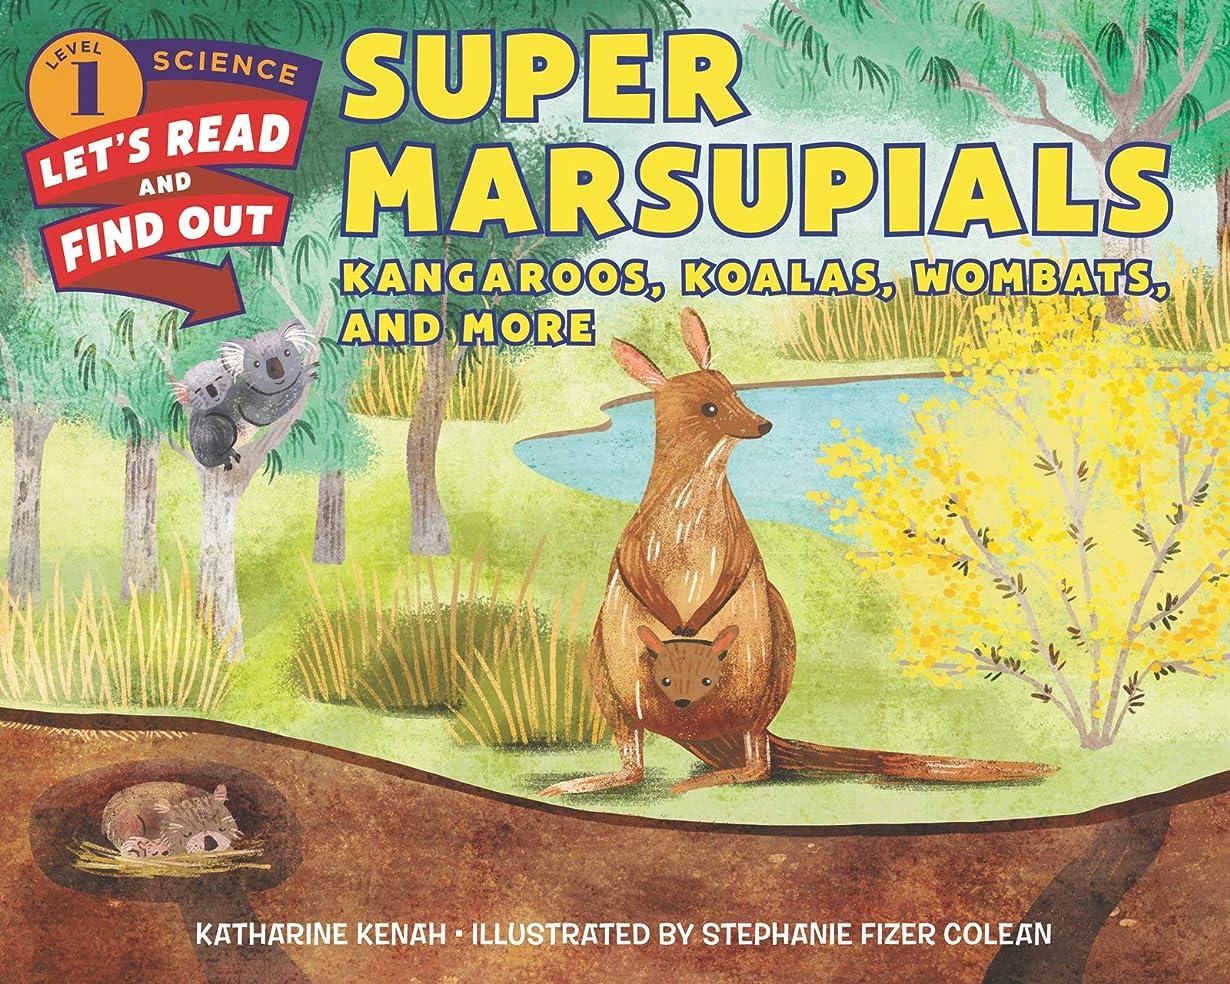 側丈夫したがってSuper Marsupials: Kangaroos, Koalas, Wombats, and More (Let's-Read-and-Find-Out Science 1) (English Edition)